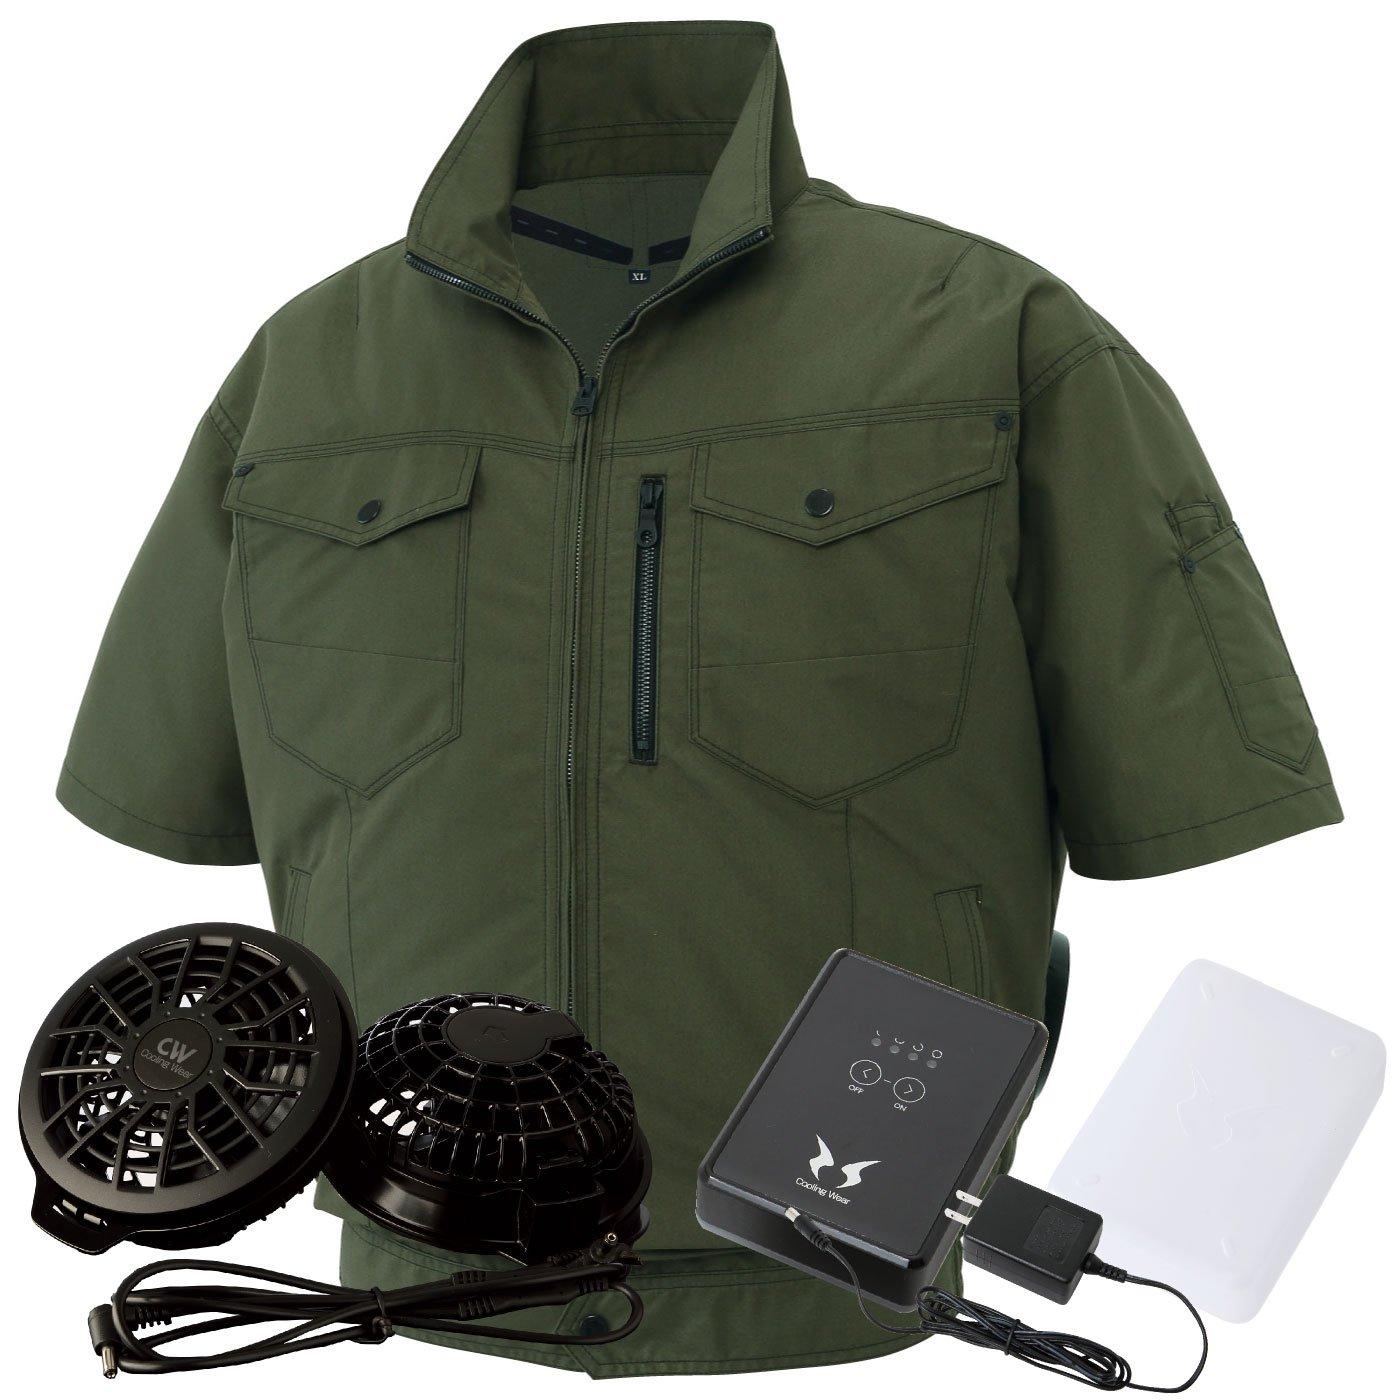 サンエス(SUN-S) 空調風神服 (空調服+ファンRD9820R+バッテリーRD9870J) ss-ku95150-l B07C9MN4BY 5L|ディープグリーン/黒ファン ディープグリーン/黒ファン 5L